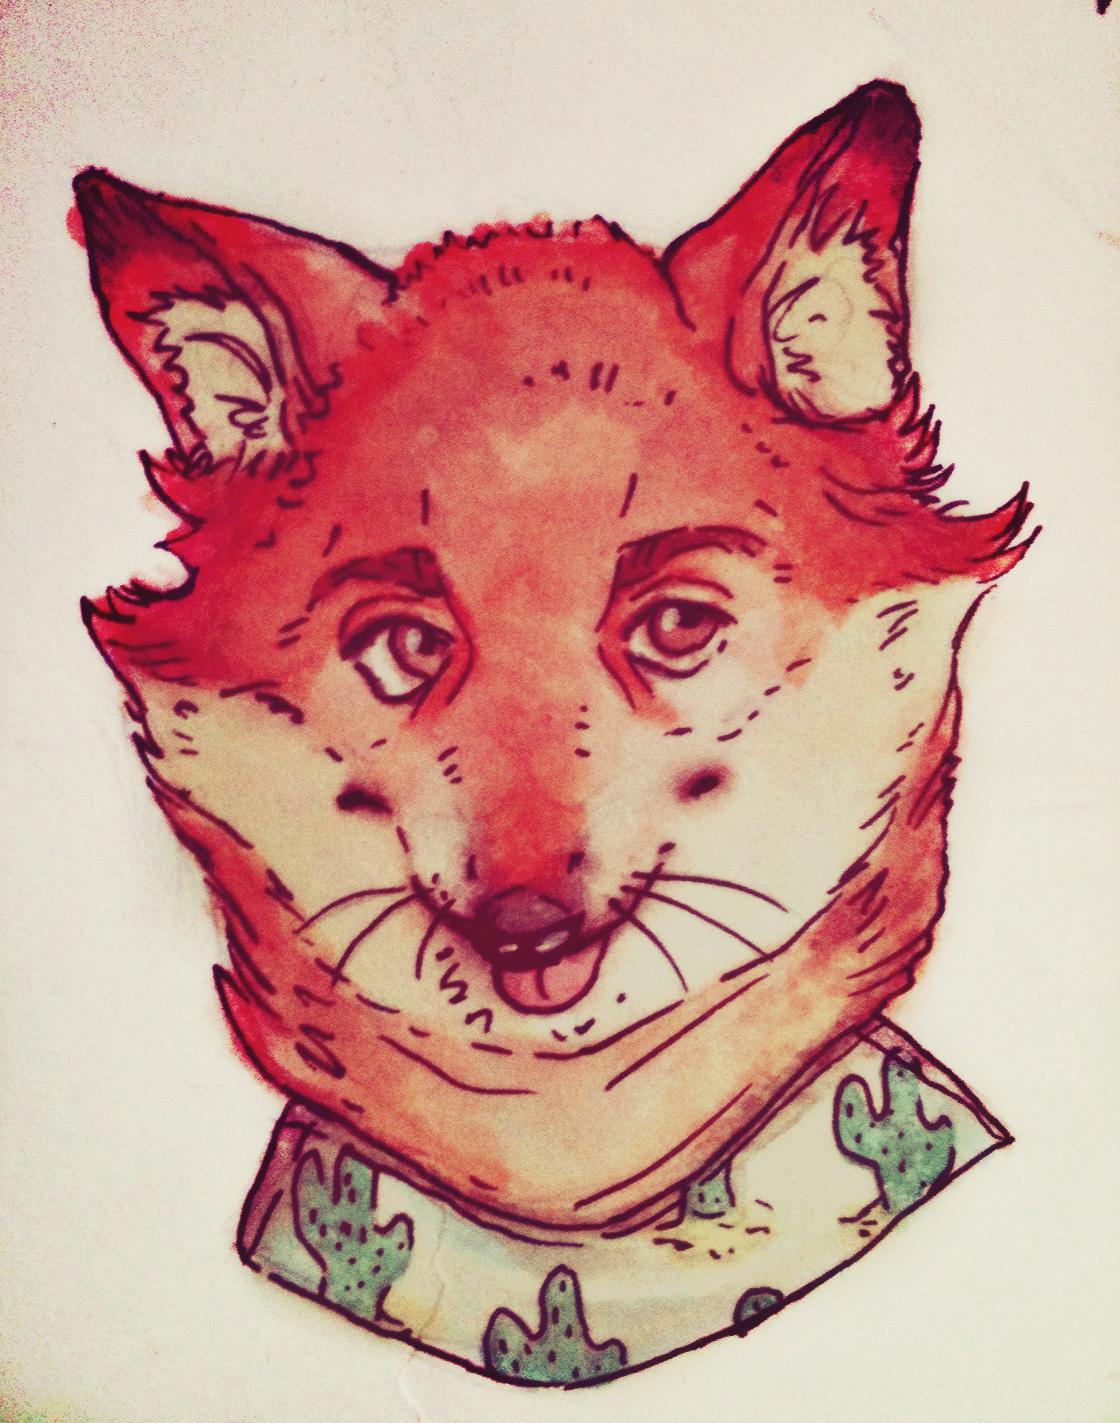 FoxInSocks